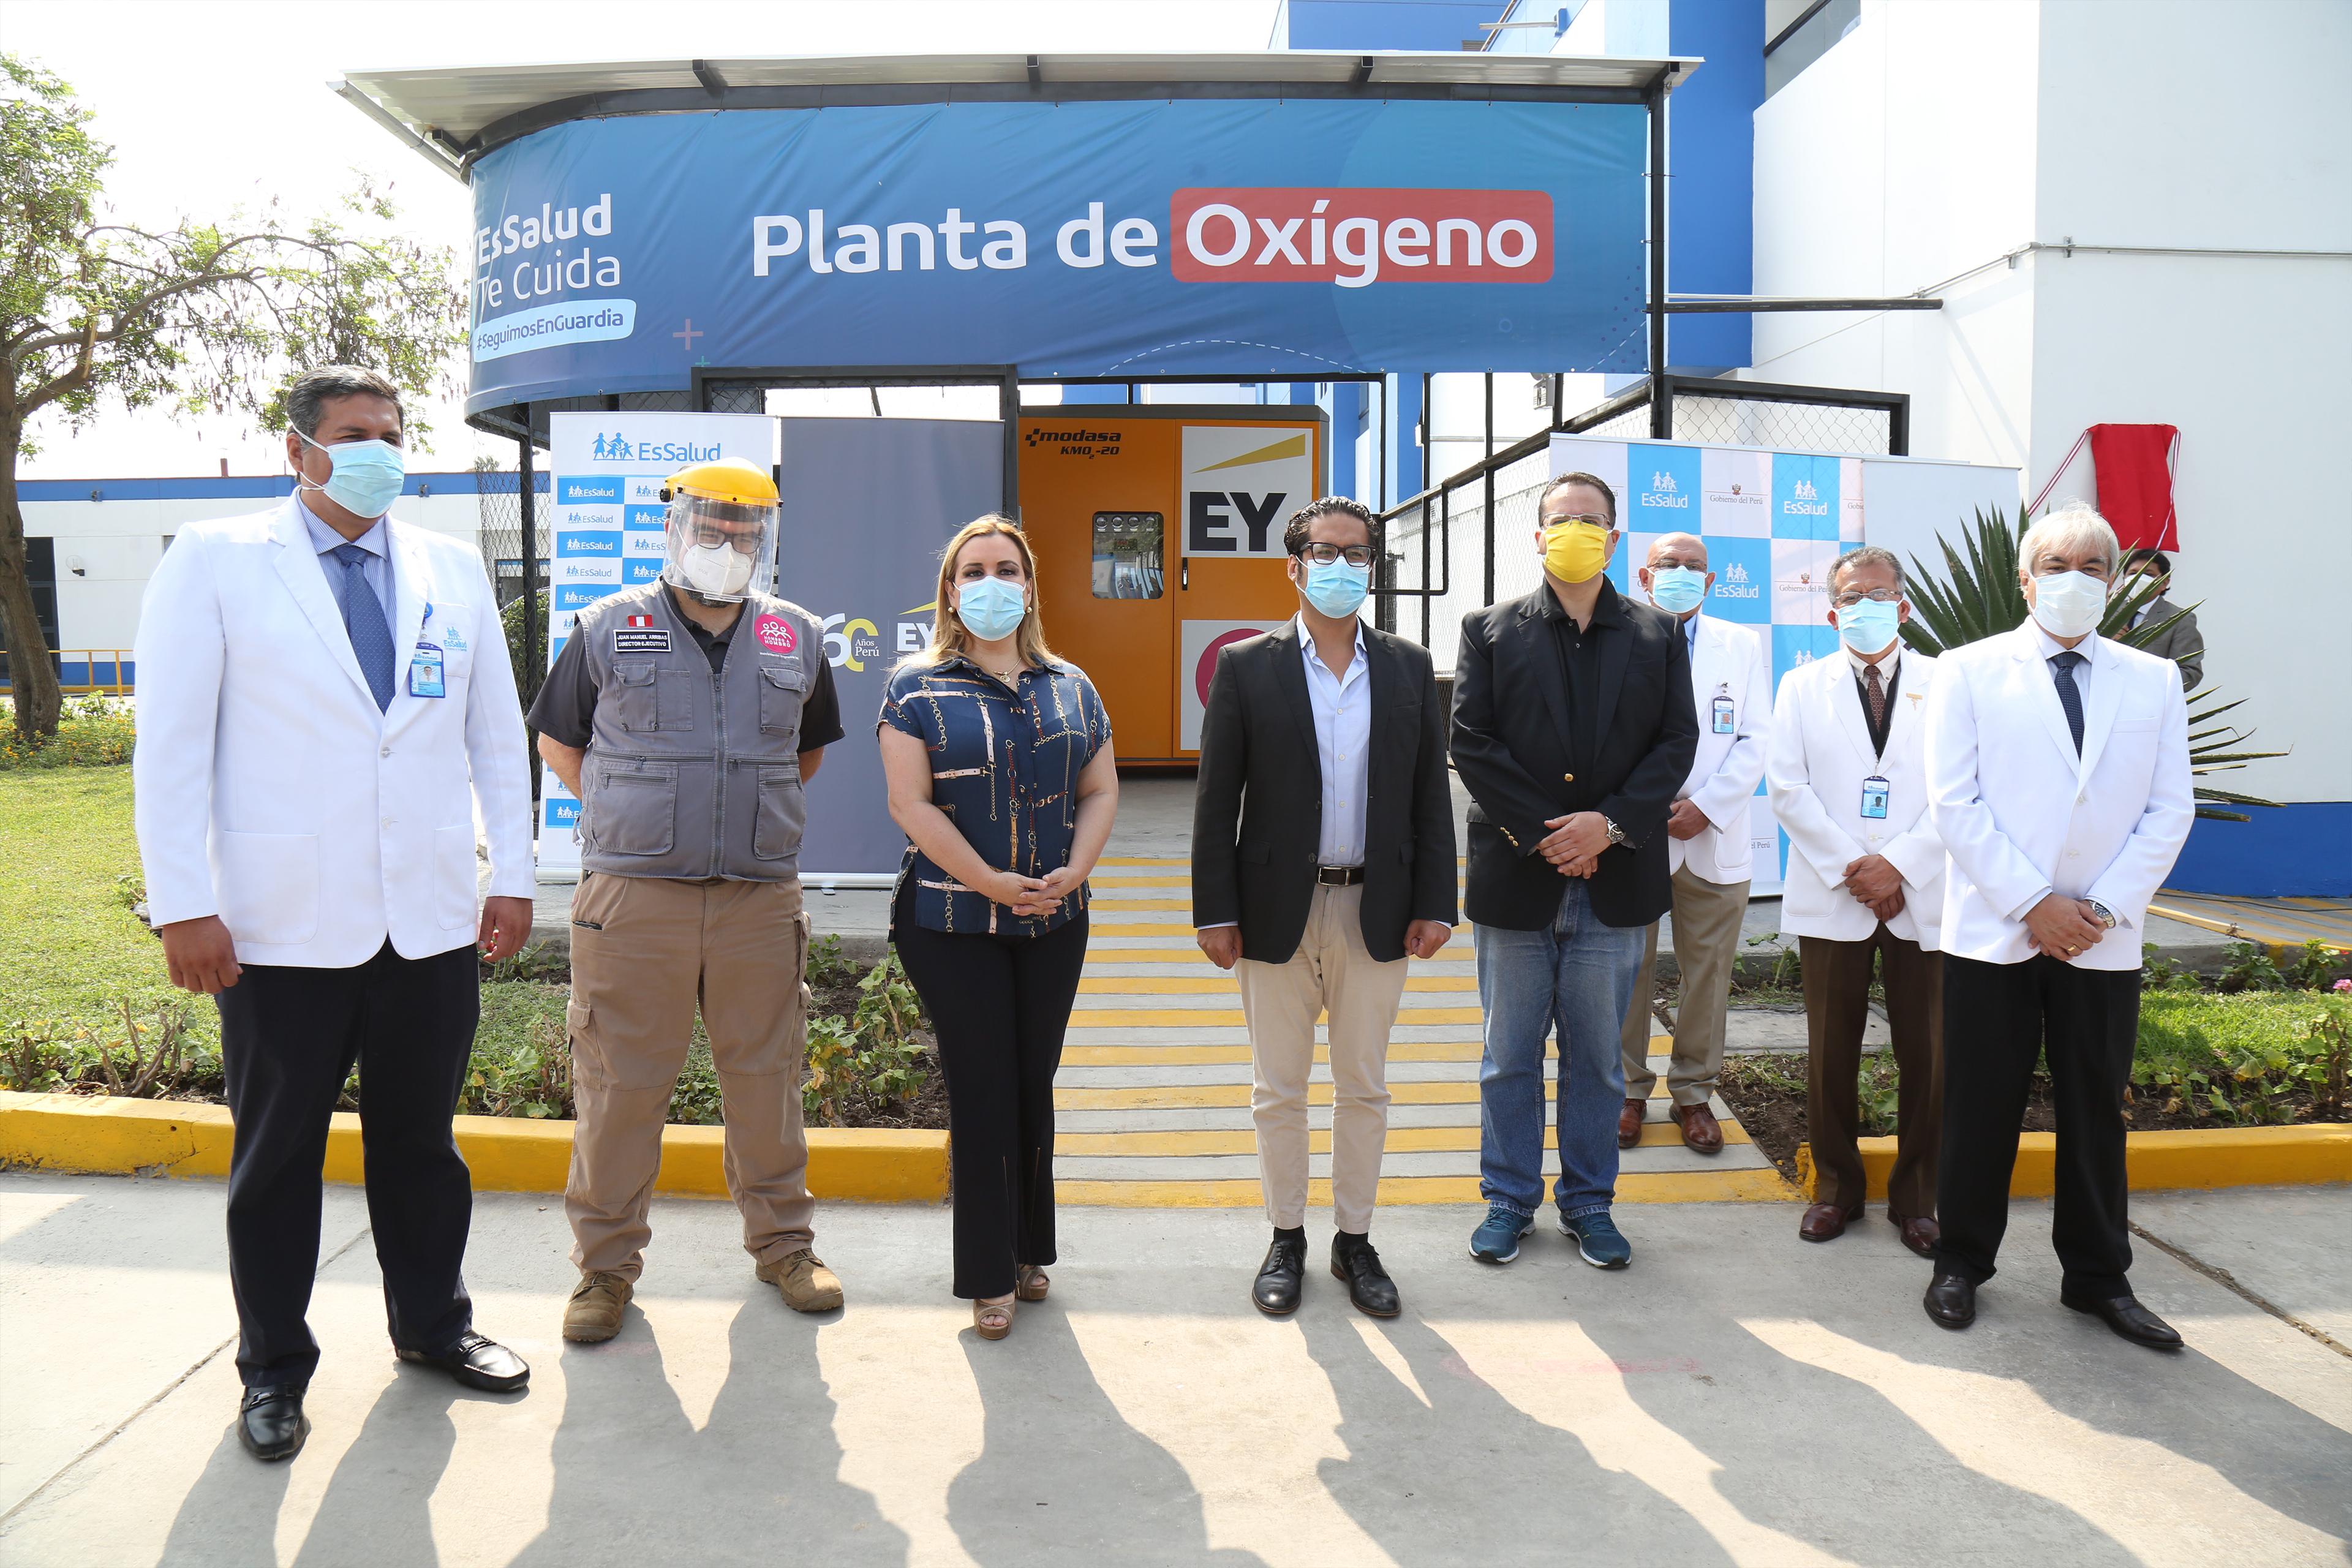 Donación de planta oxigeno